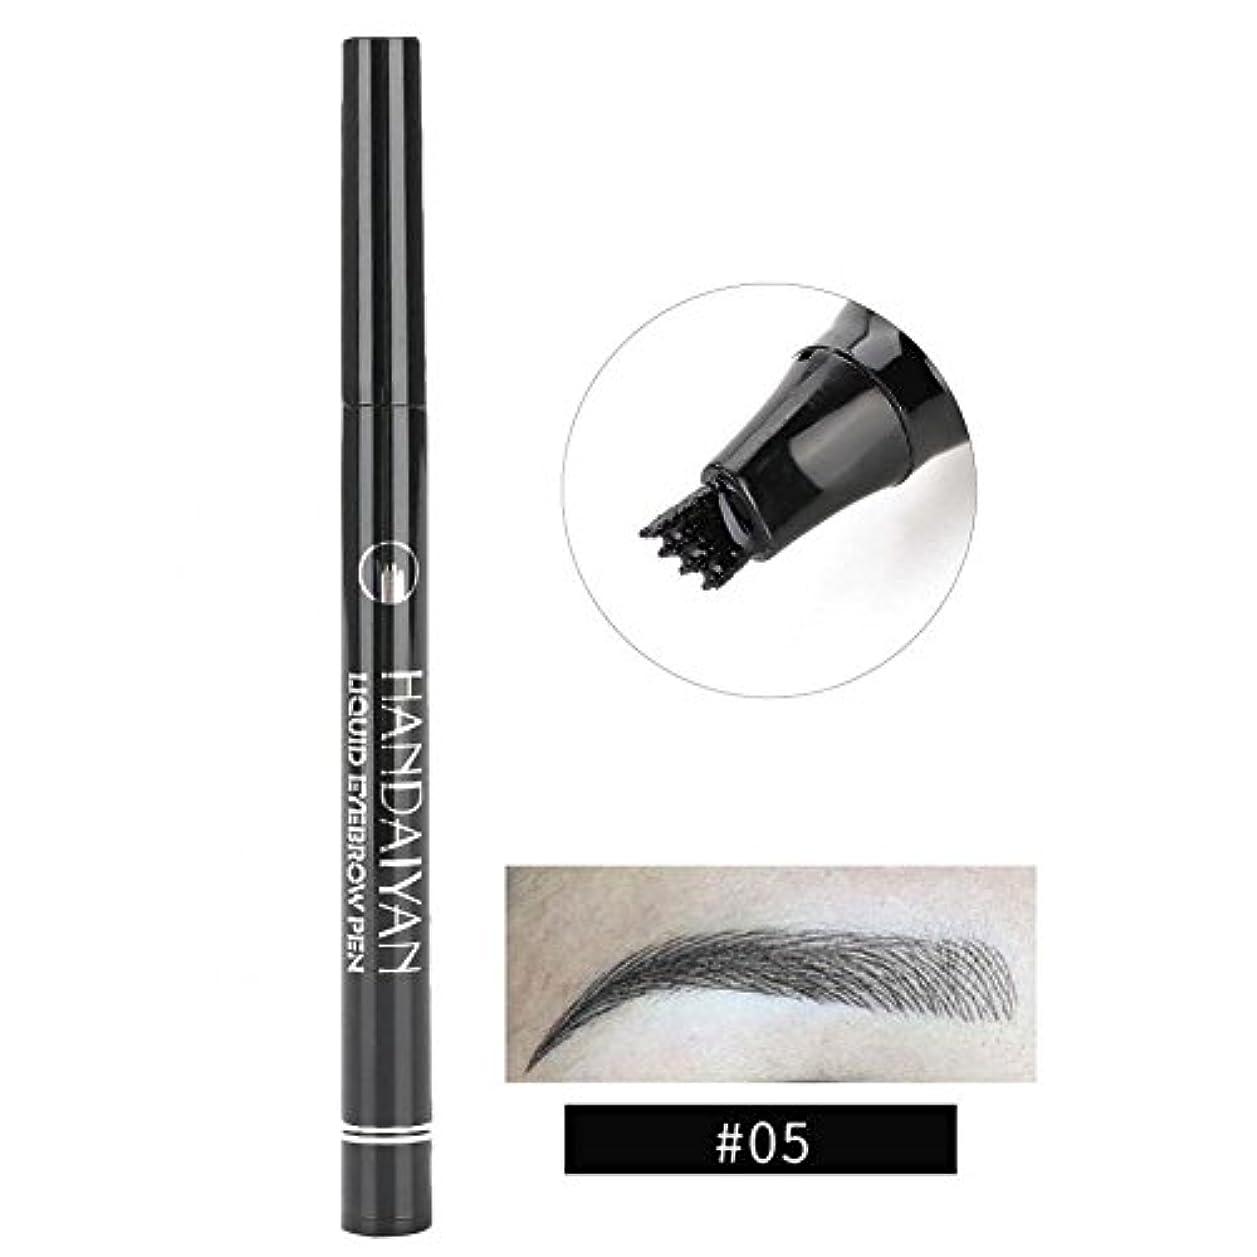 防水眉ペン、液体 長持ち 液体眉毛タトゥーペン 眉毛エンハンサー メイクアップペン(5)